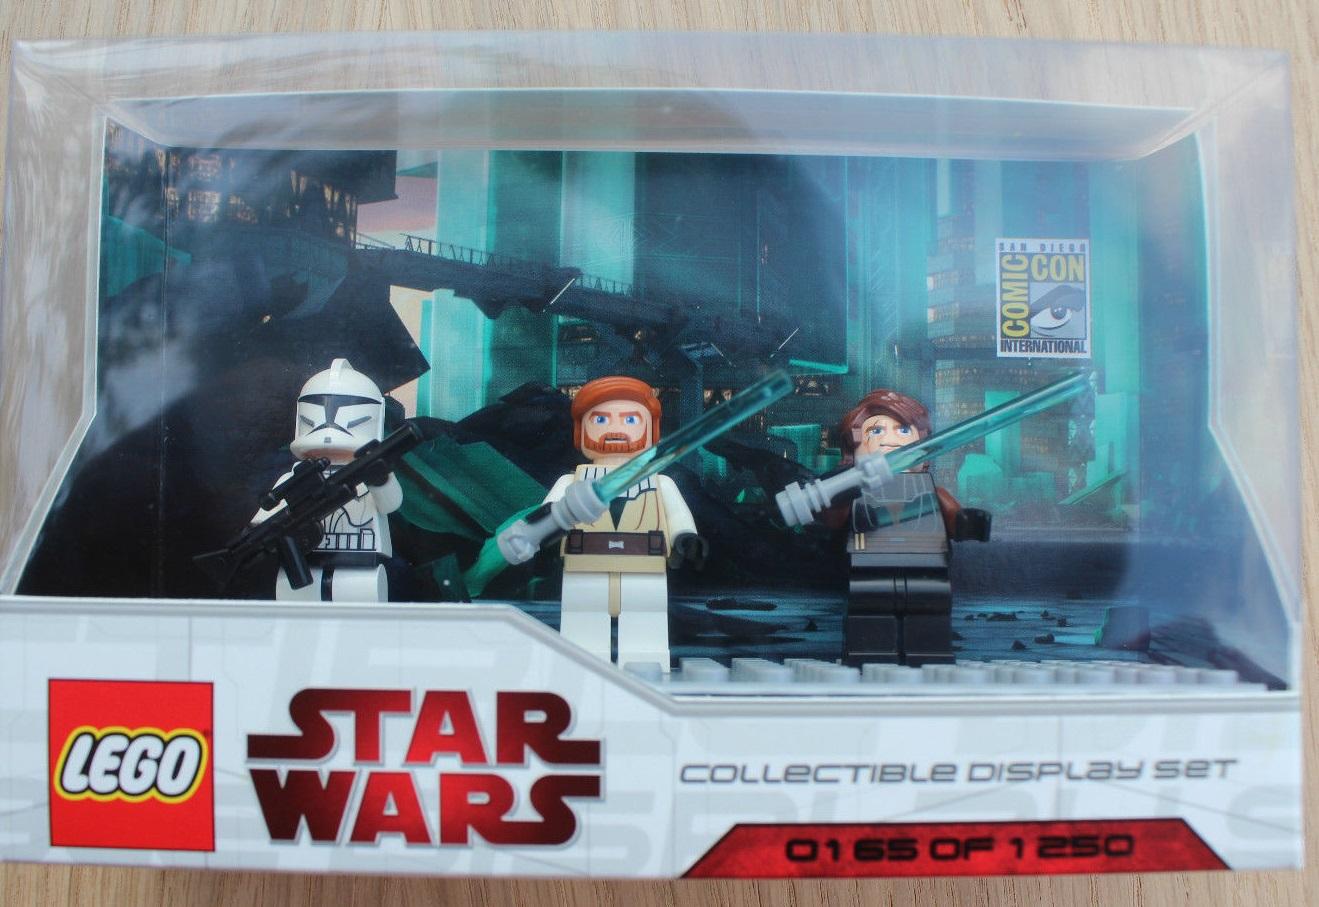 Lego SDCC 2009 Dislay Set 6 comcom009-1